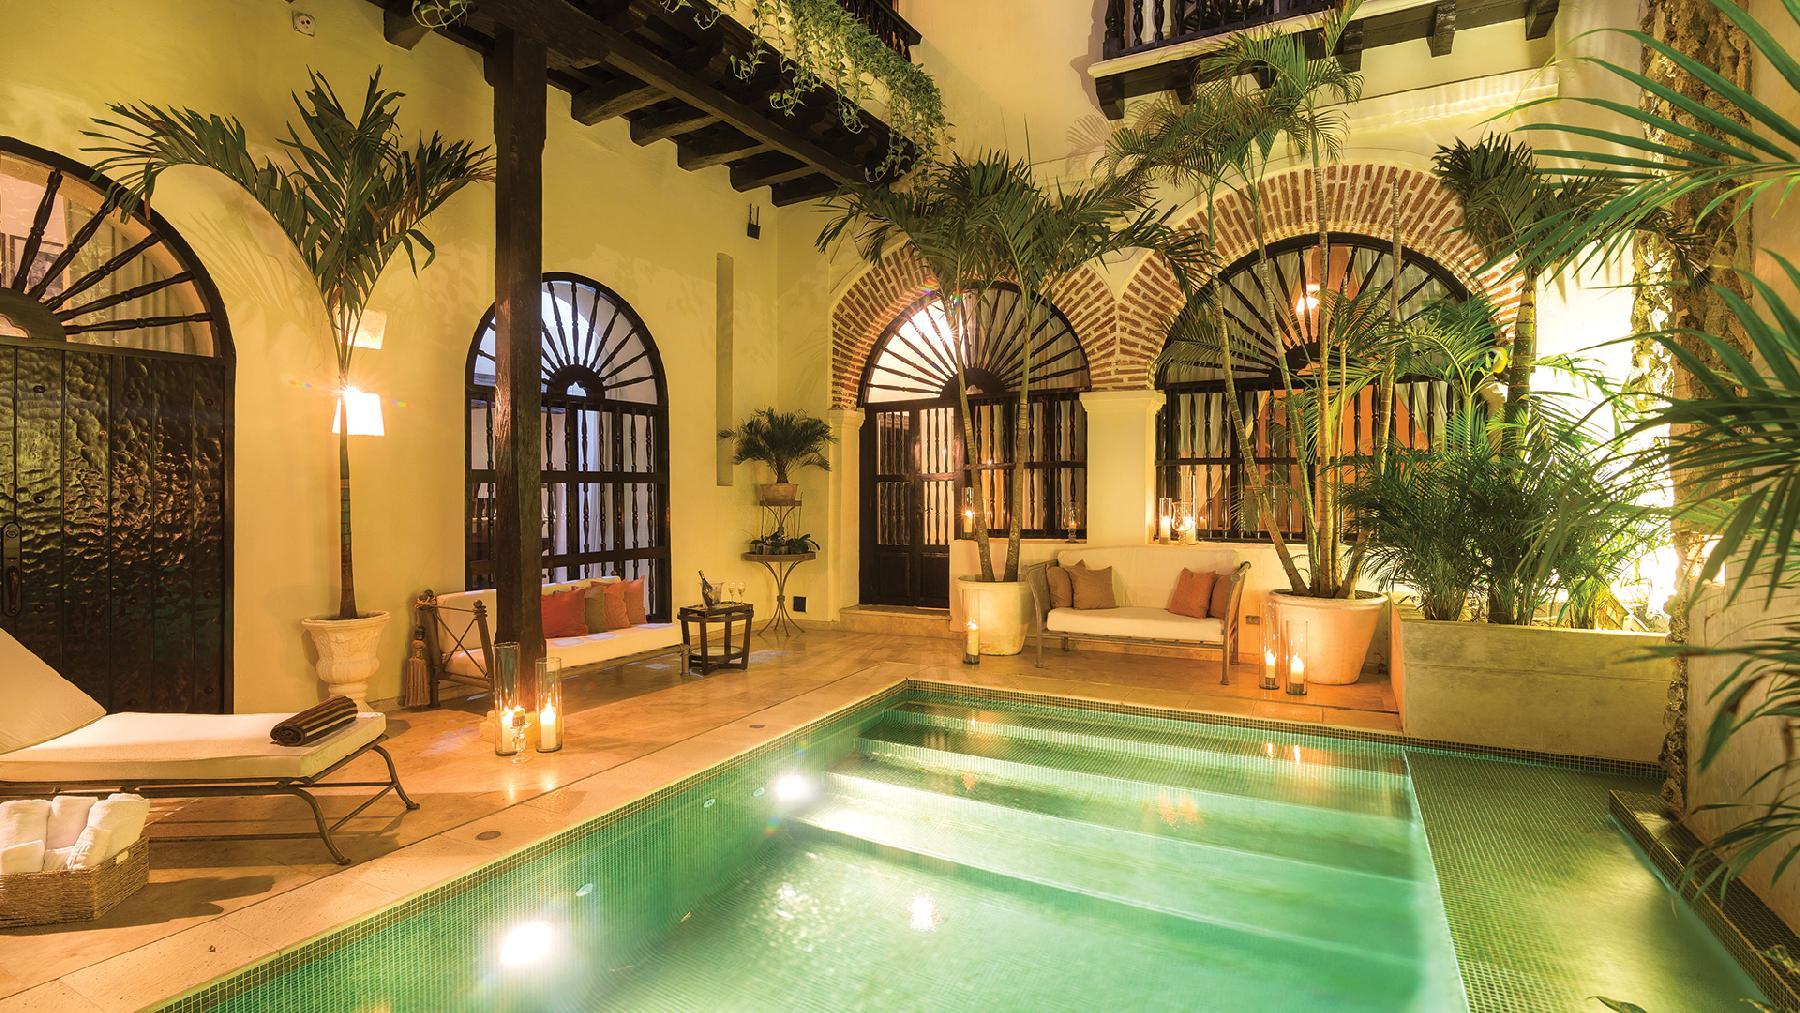 Amazing Colonial Mansion - Casa de Alba - Rental Property